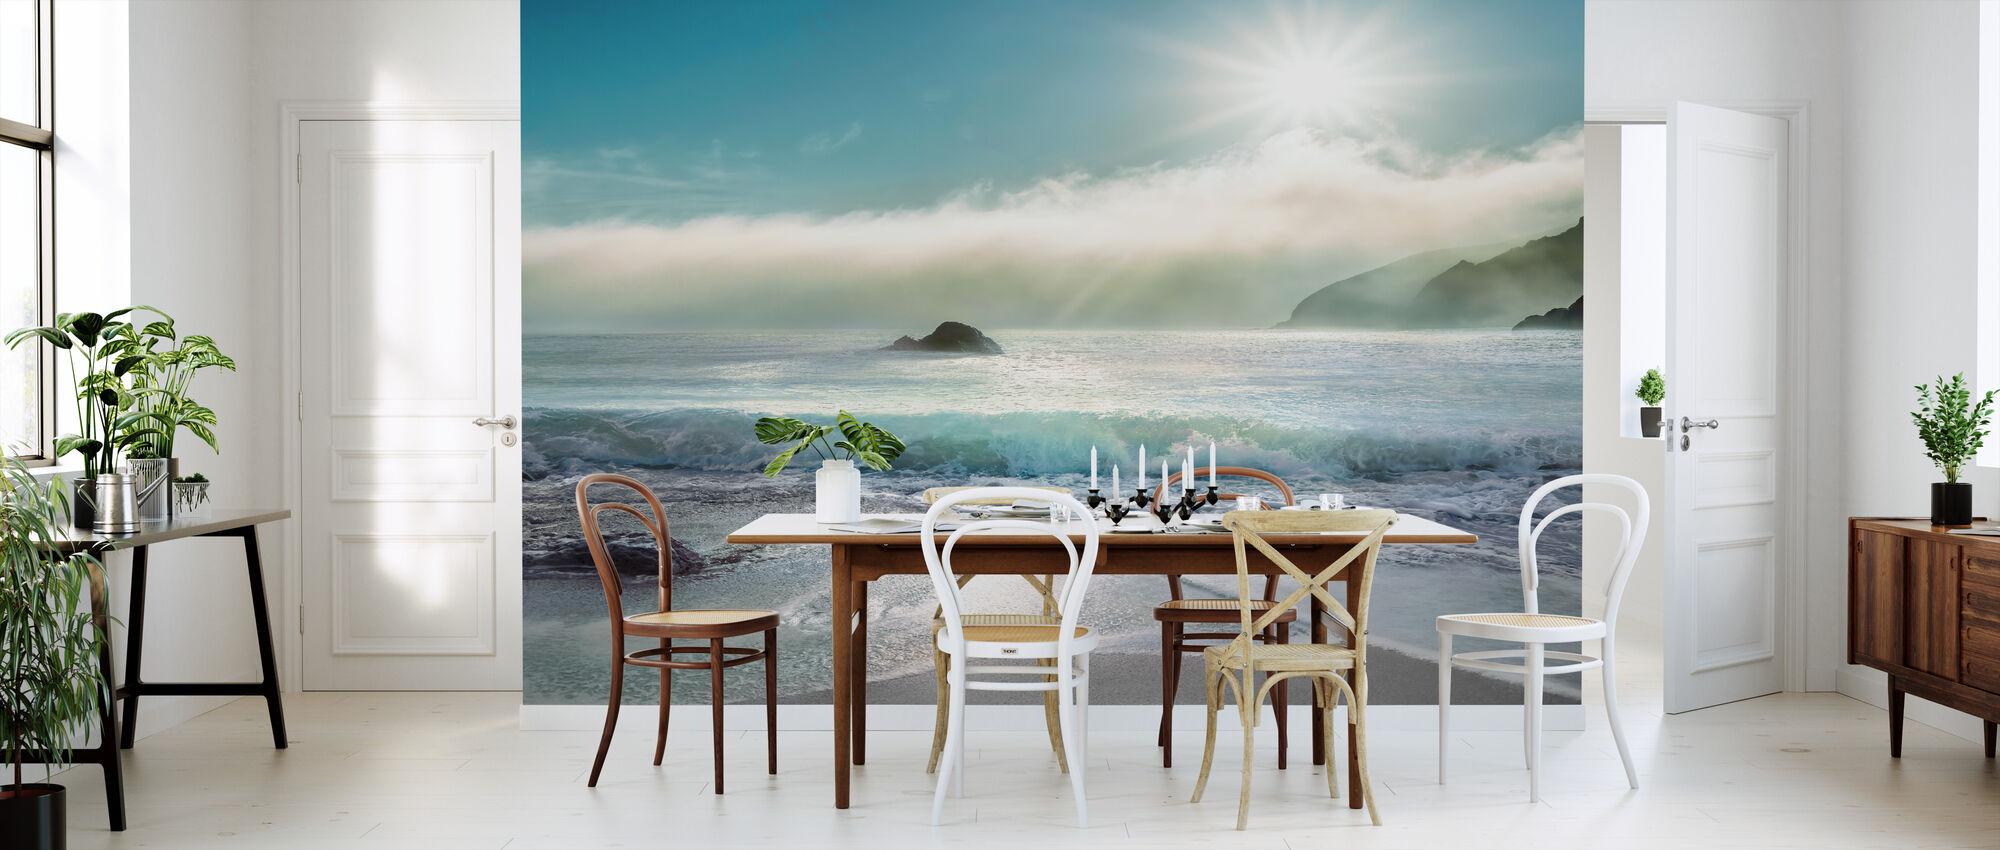 Zonlicht boven de oceaan - Behang - Keuken